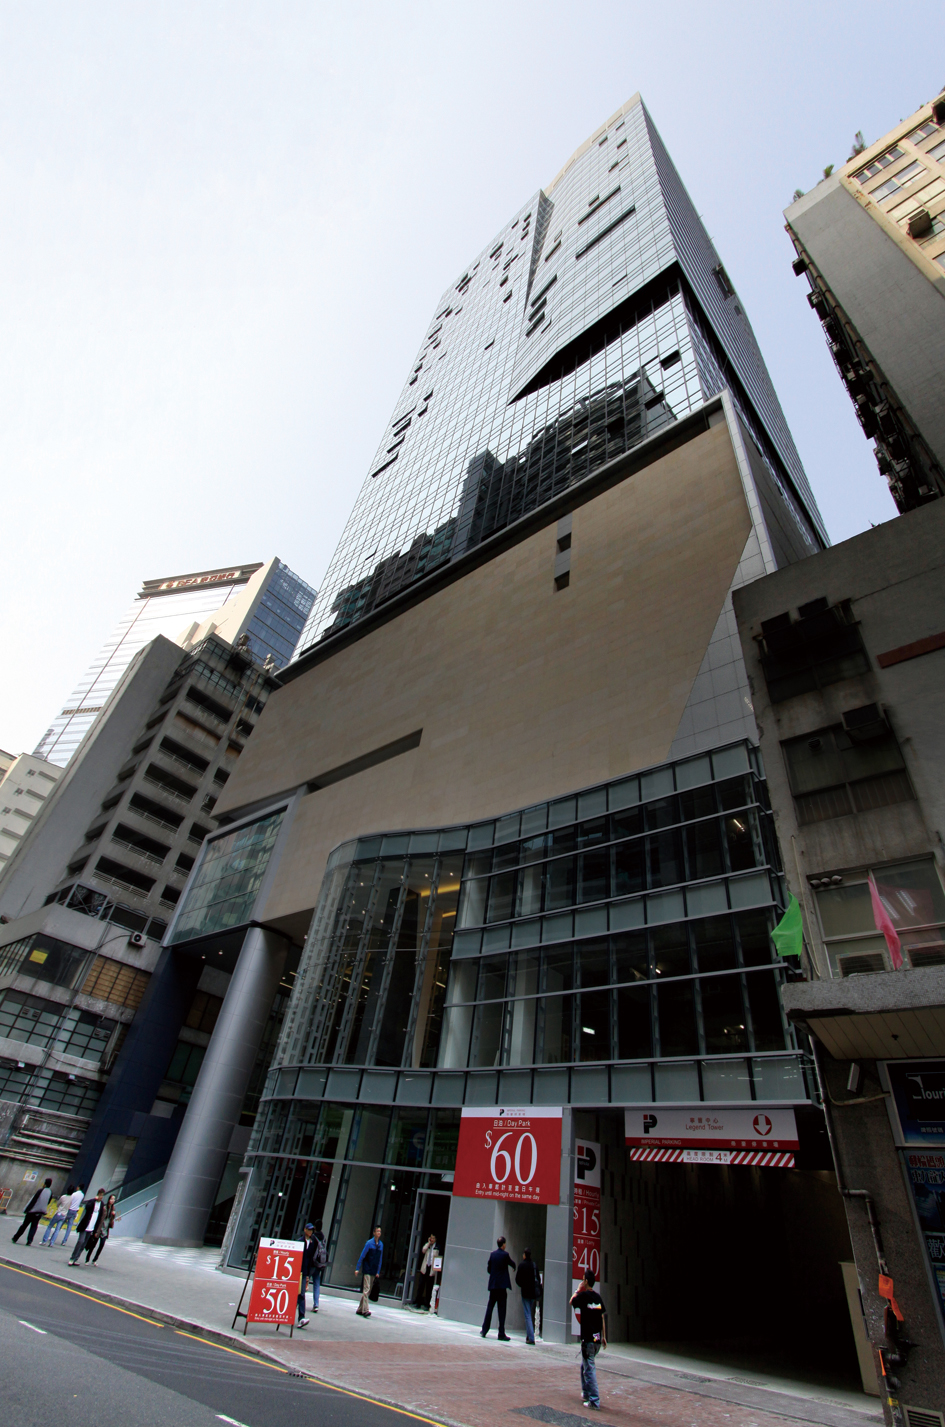 高鐵商業地王天價批 樓面地價「超值」二手業主急降價 11月工商舖暫錄約203宗買賣個案 價量按月走勢平穩